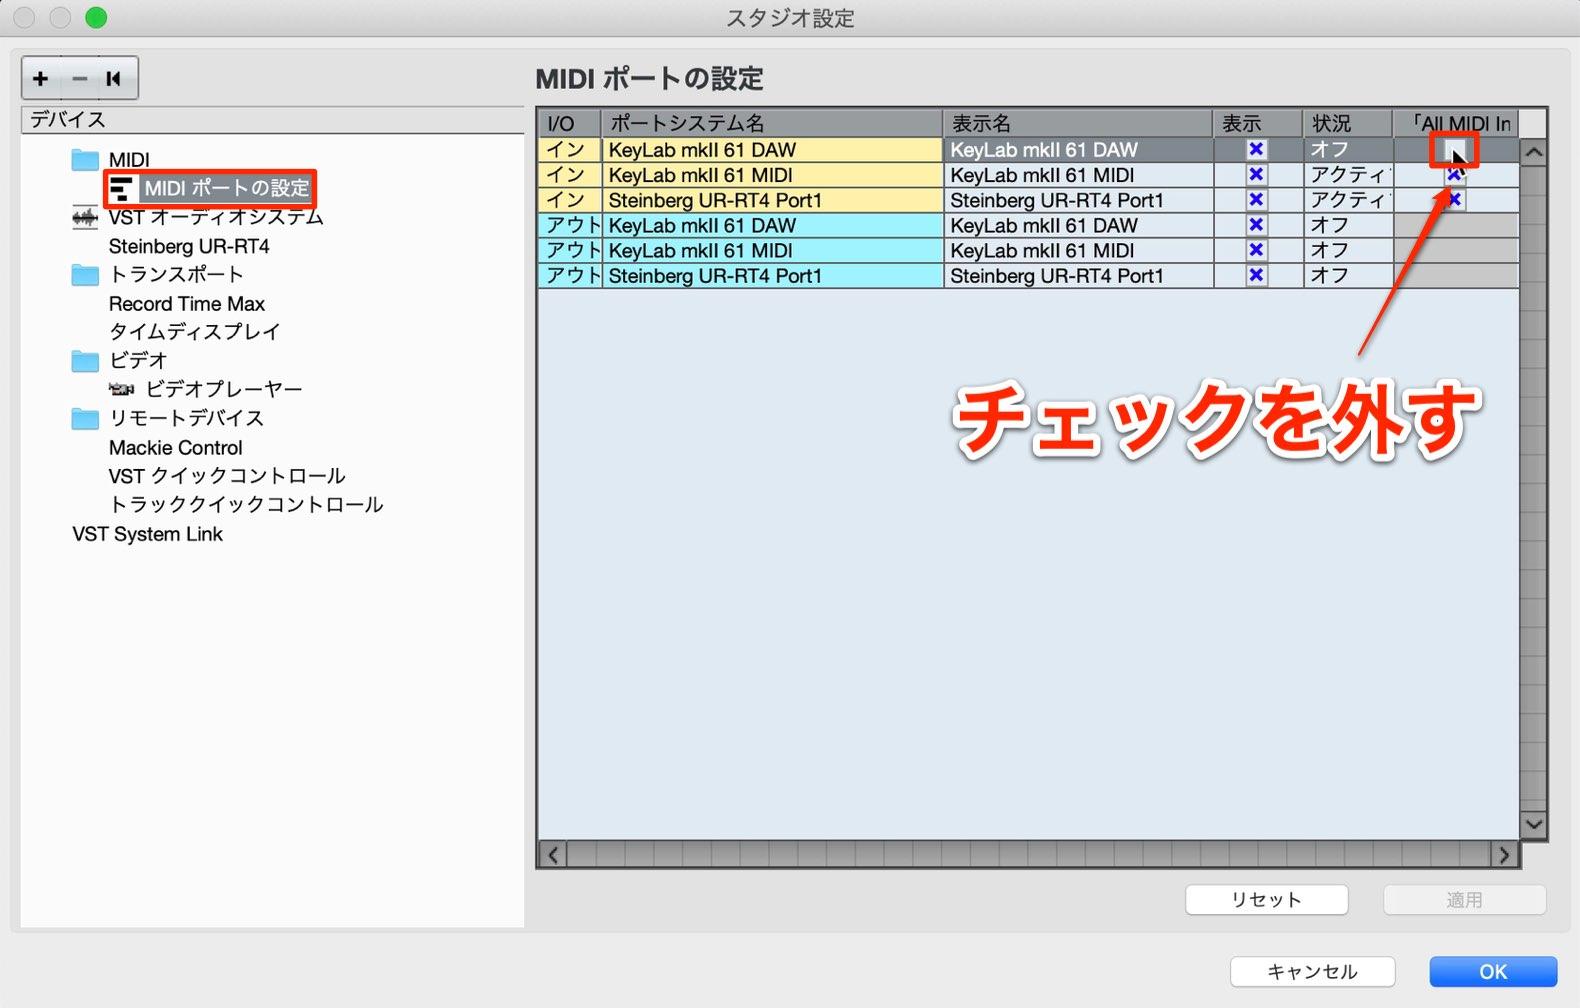 All MIDI Input